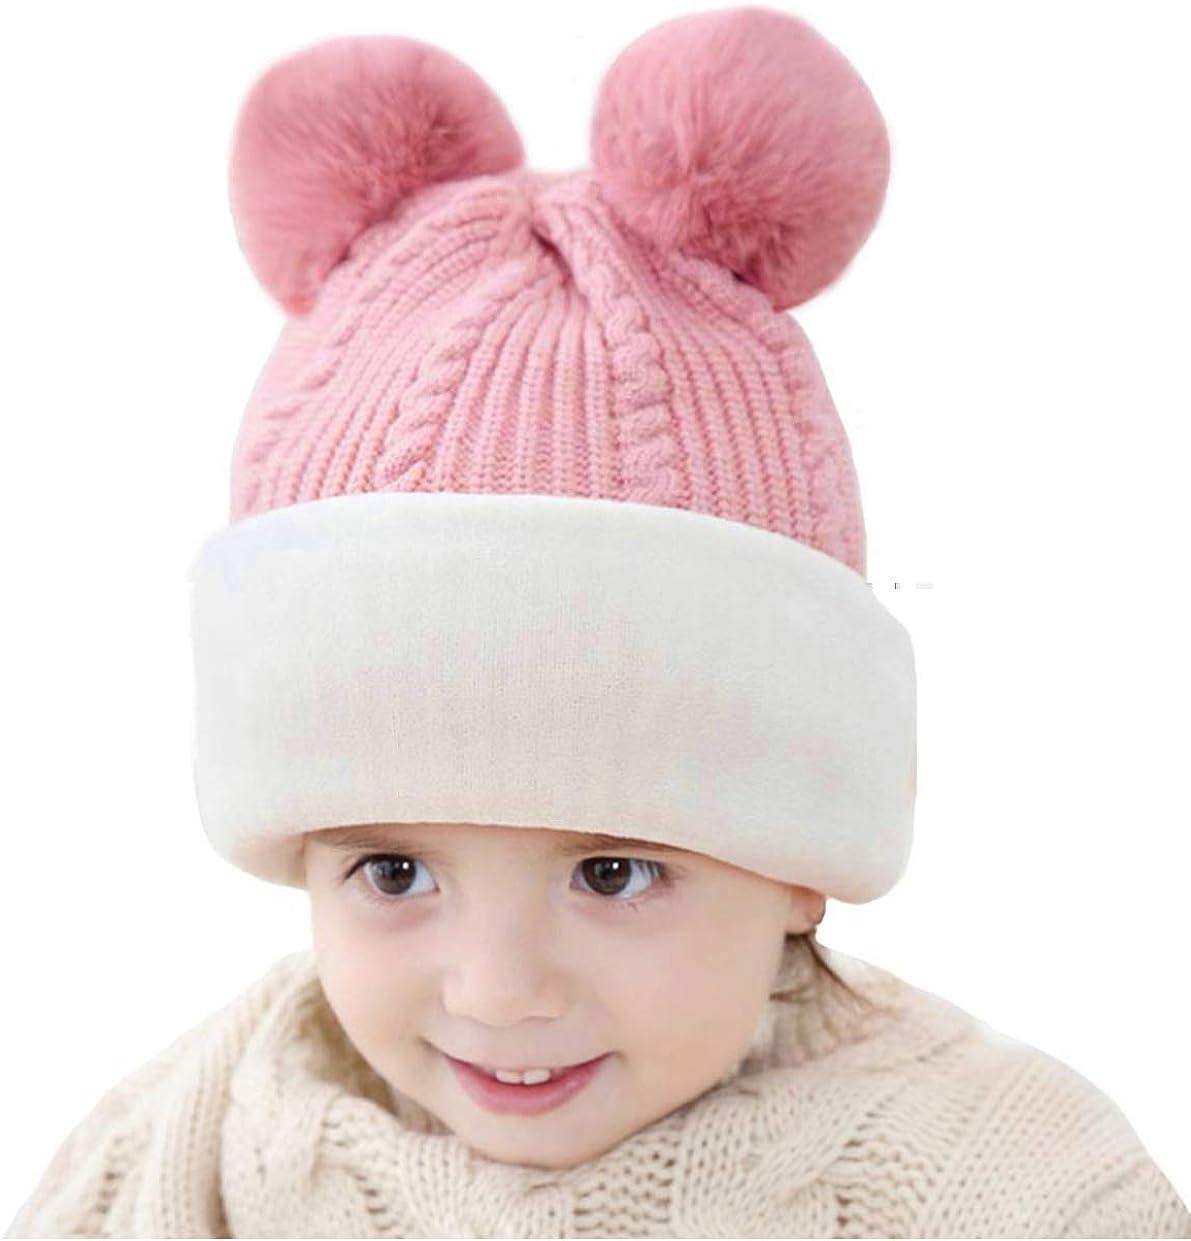 vamei Enfants Bonnet Echarpe Cape Hiver Chapeau Chaud b/éb/é en Tricot Pom Toddler Cagoule Balaclava Cache-Cou Masque Tour de Cou Coupe-Vent en Tissu Filles Gar/çons B/éb/és